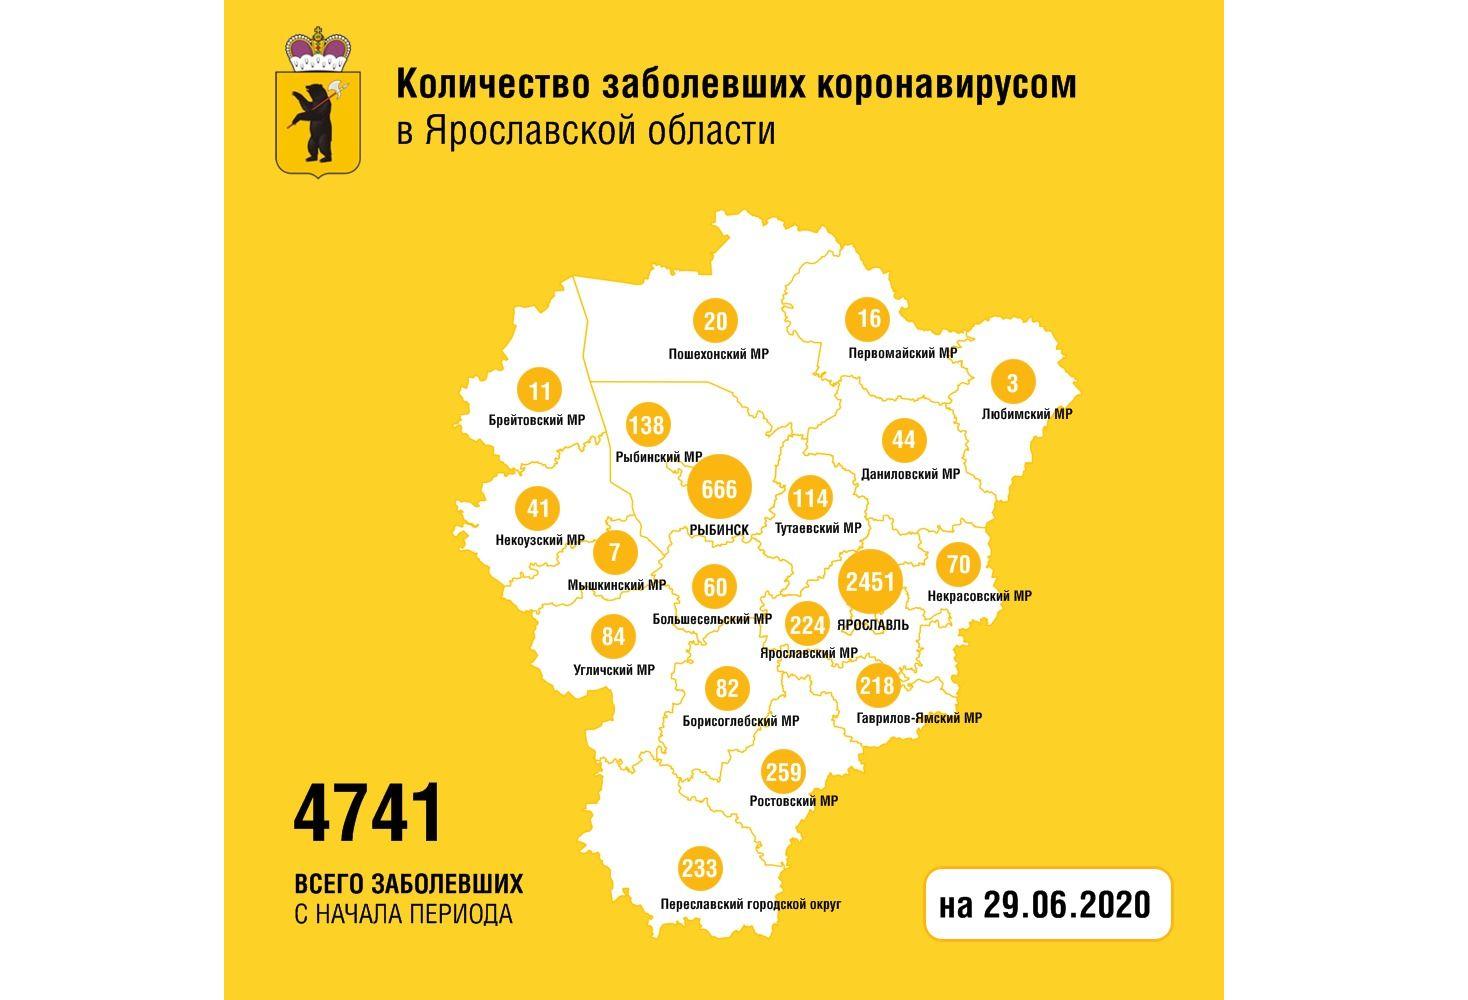 Еще 22 жителя Ярославской области вылечились от коронавируса